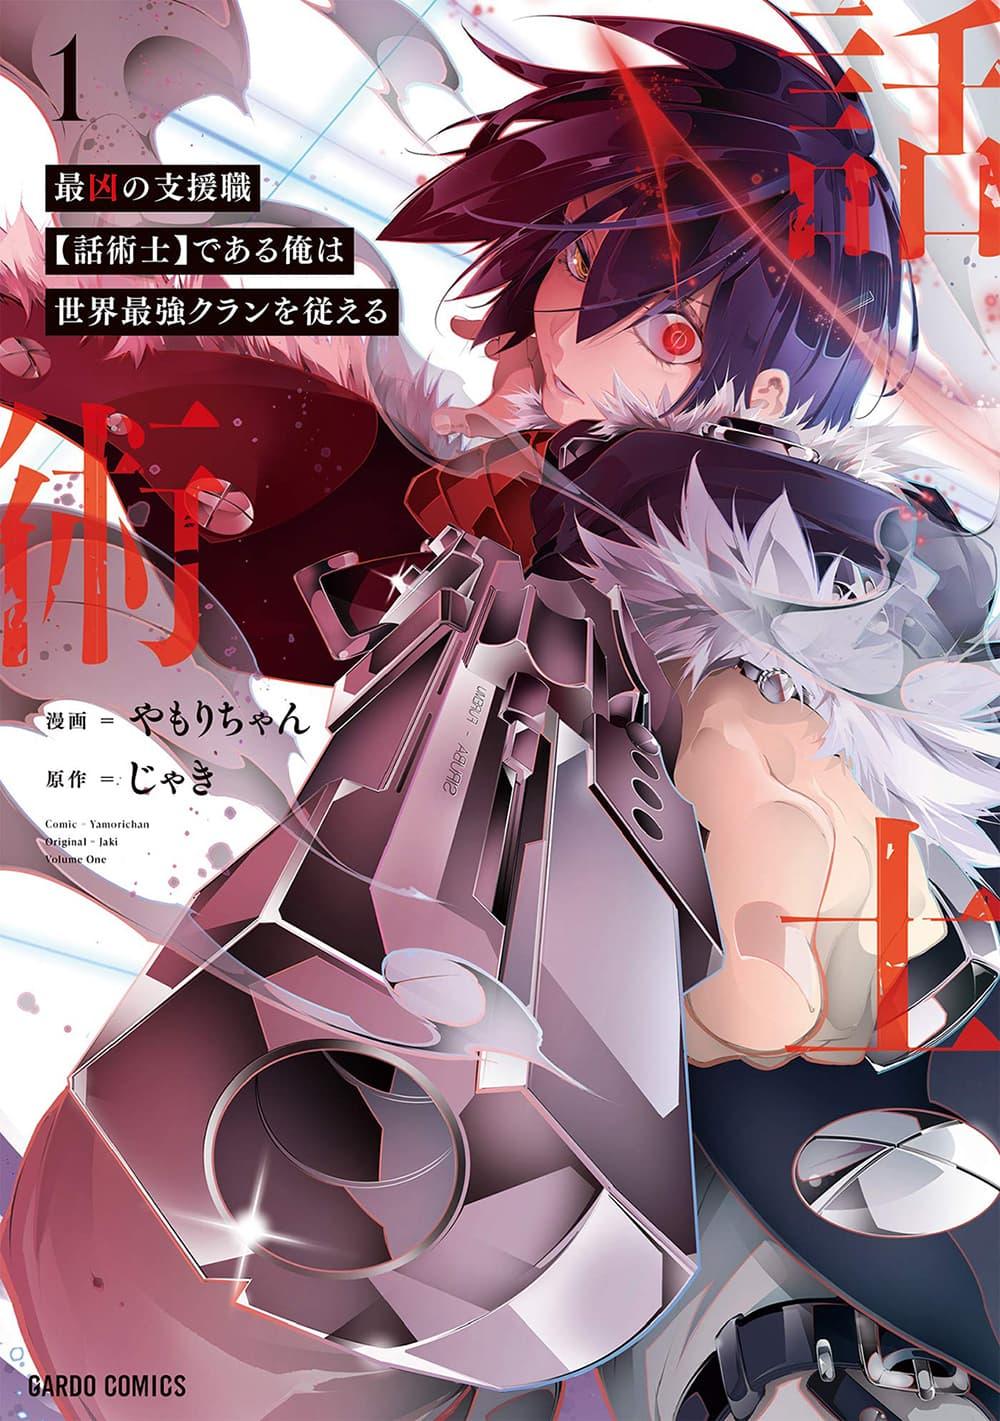 อ่านการ์ตูน Saikyou no Shien-shoku Wajutsushi Dearu Ore wa Sekai Saikyou Kuran o Shitagaeru ตอนที่ 5 หน้าที่ 1